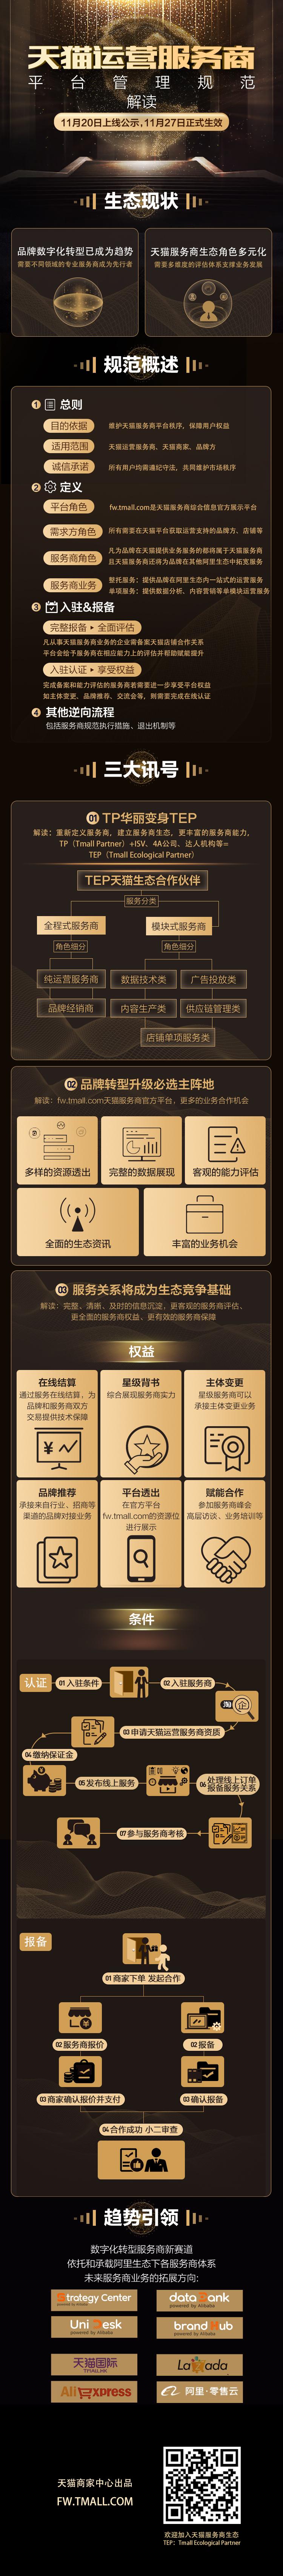 天猫运营服务商平台管理规范